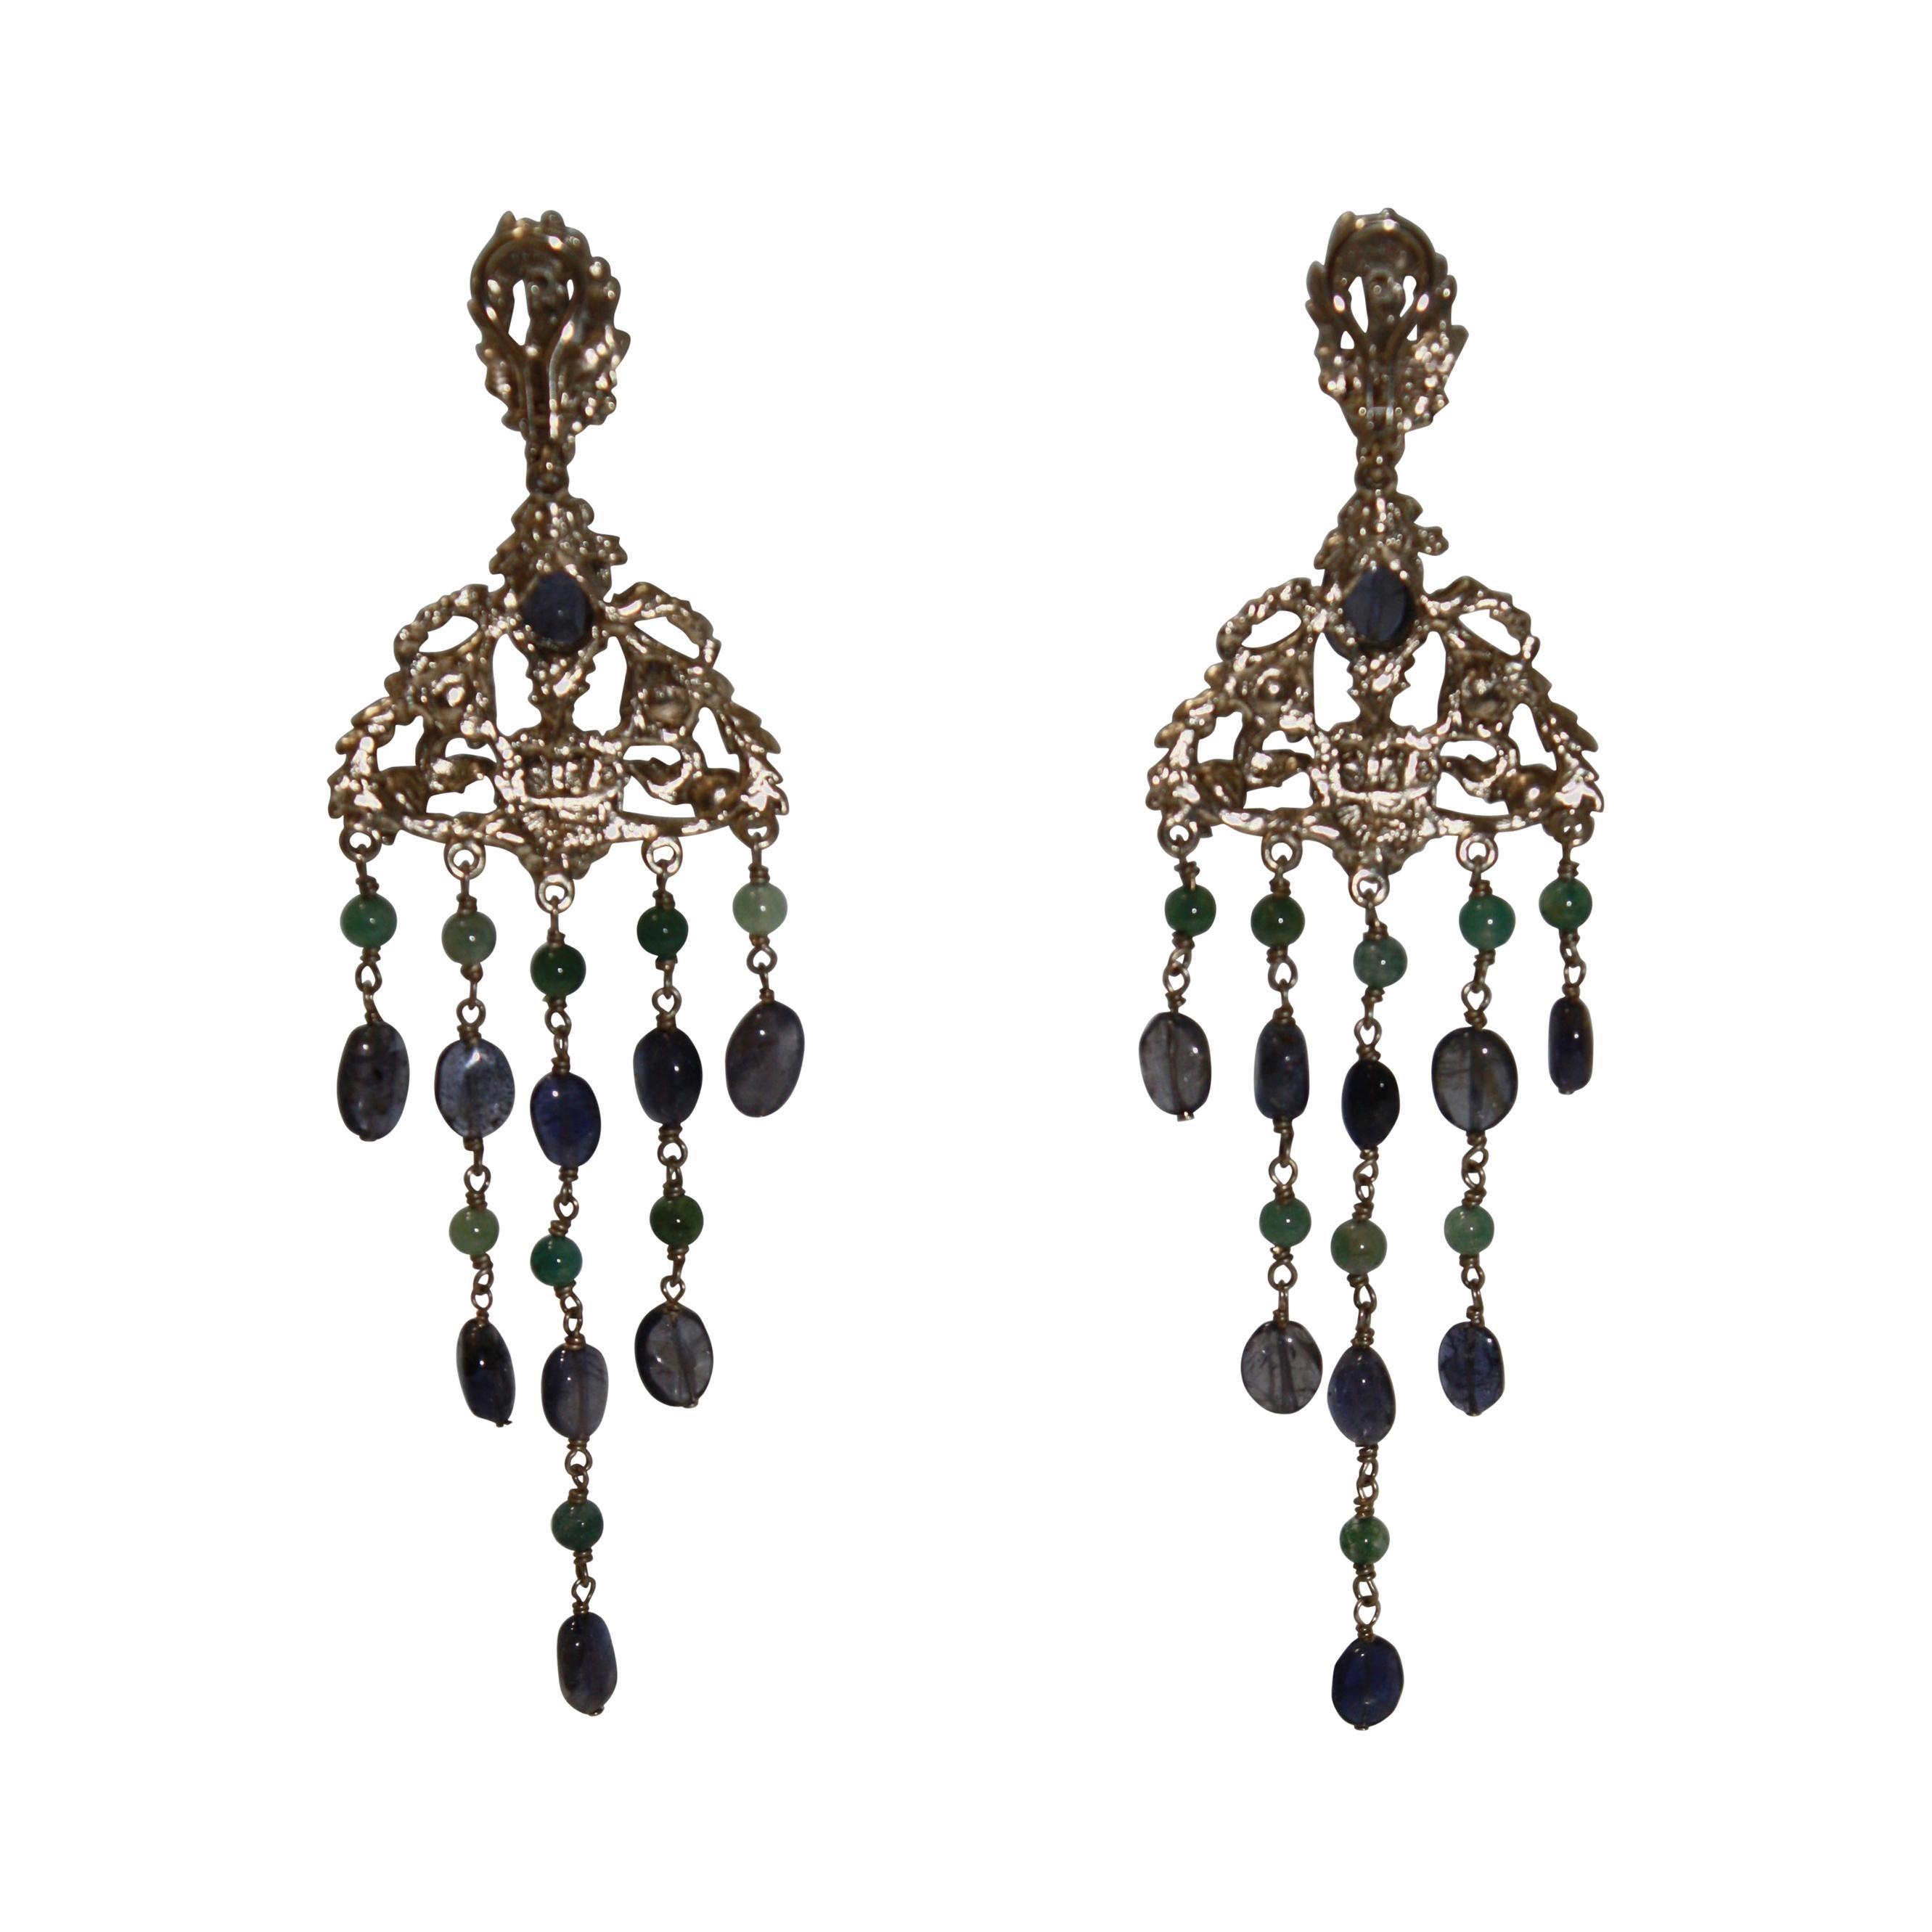 Empire Chandelier Earrings